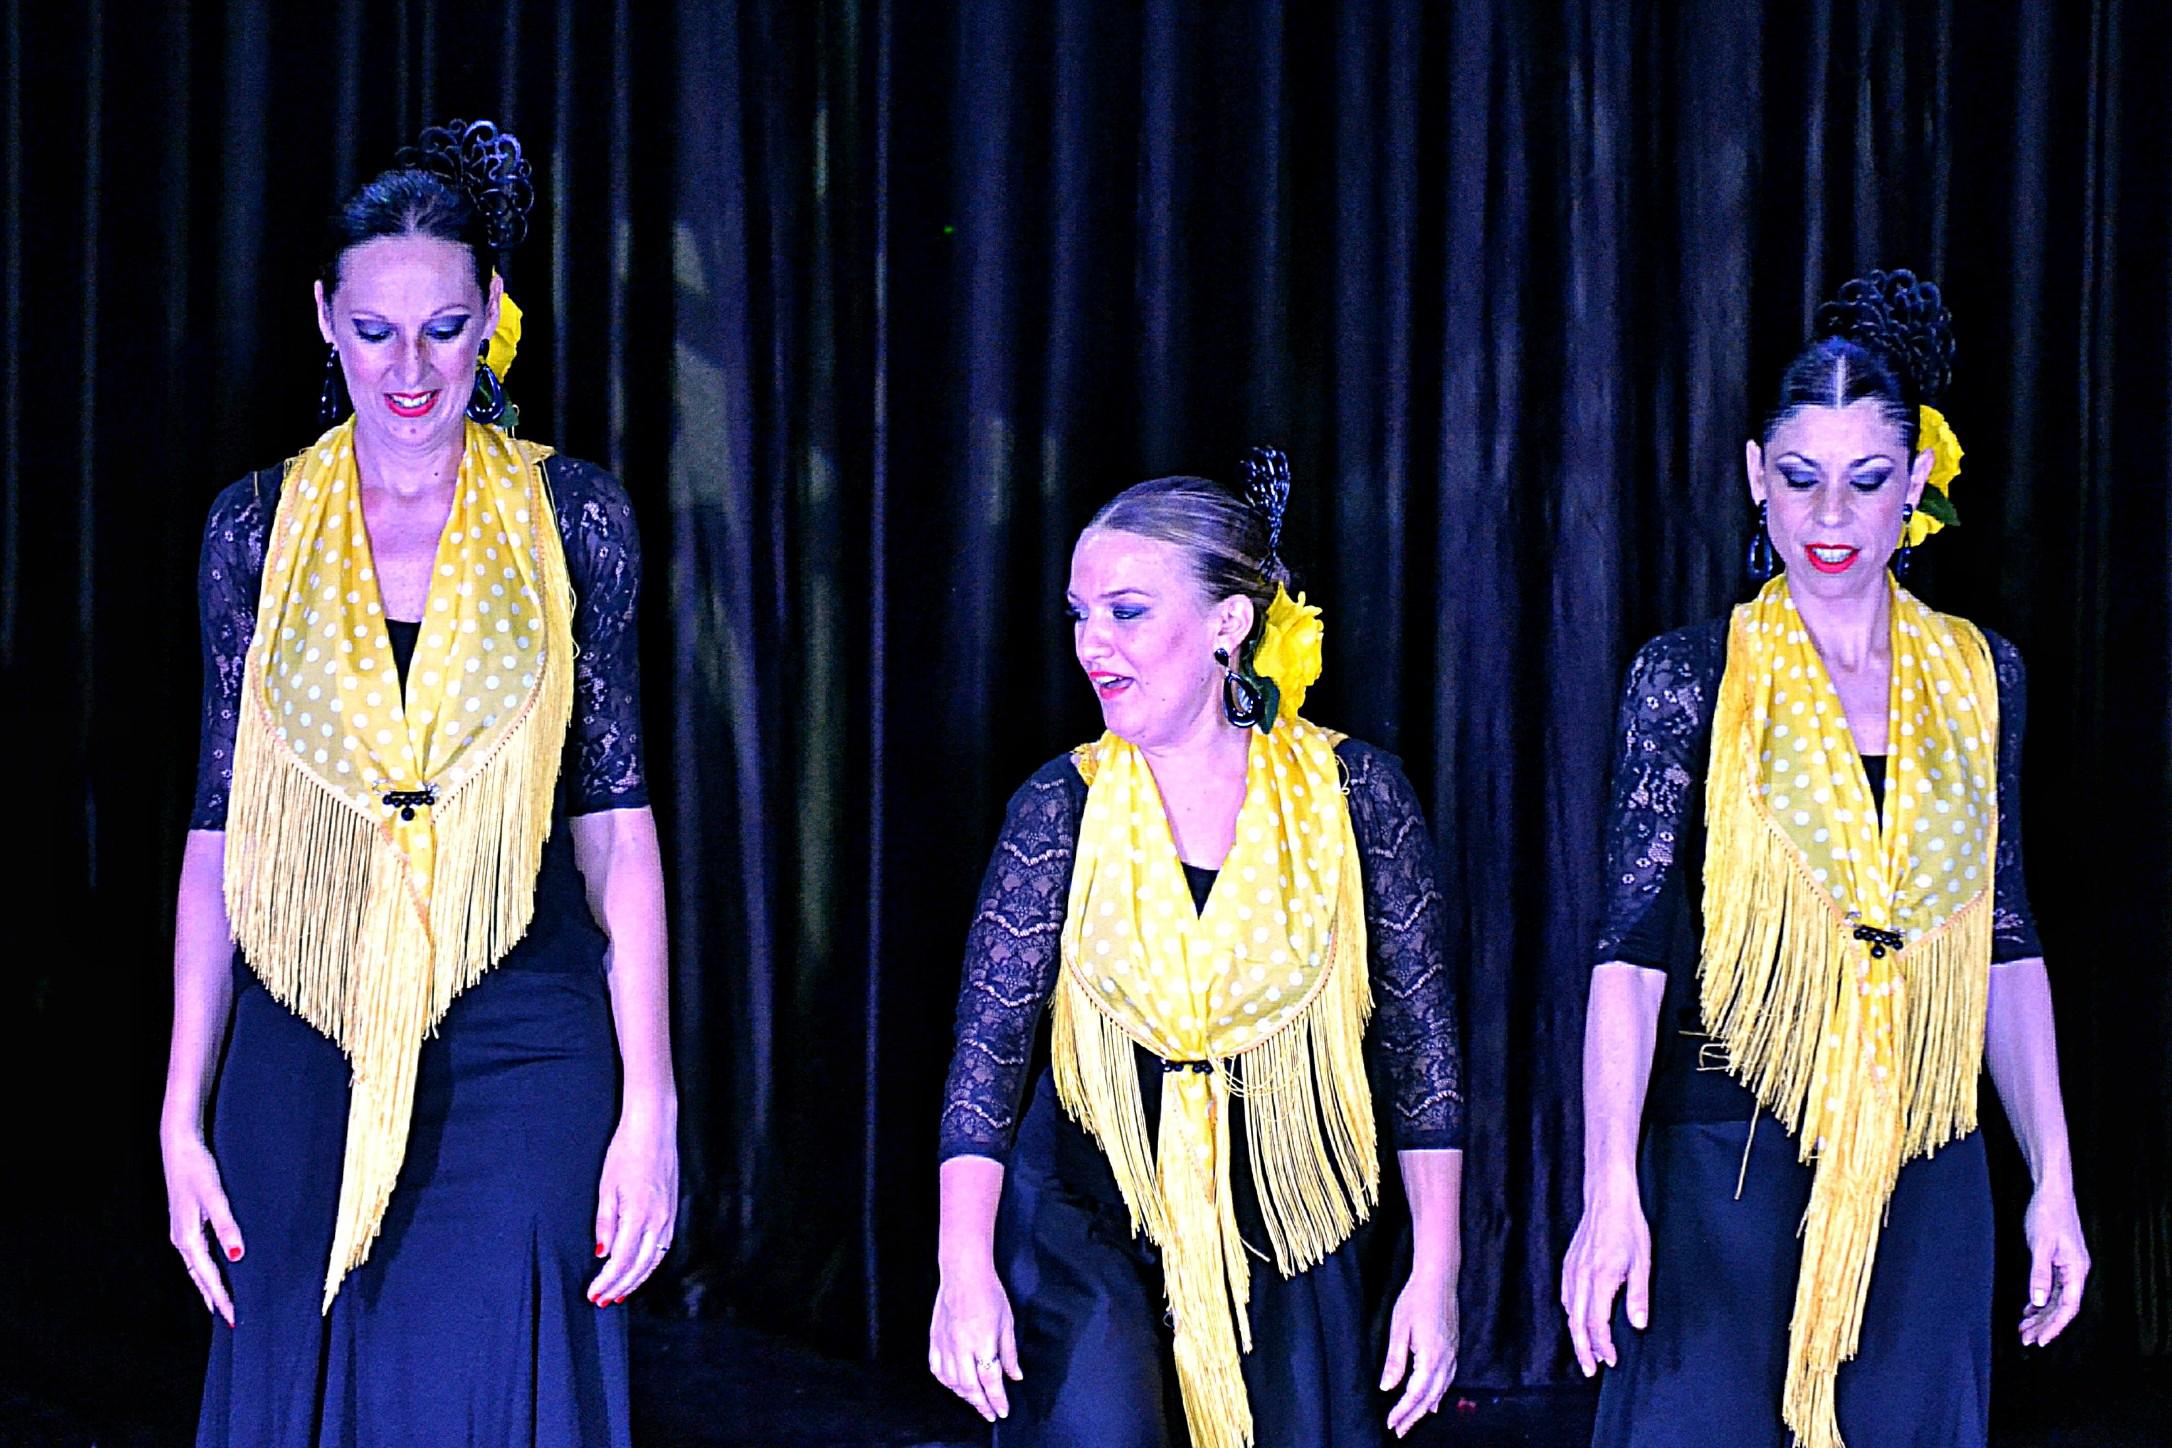 Linea-de-Baile-festival-verano-2015-clases-de-baile-valencia-111